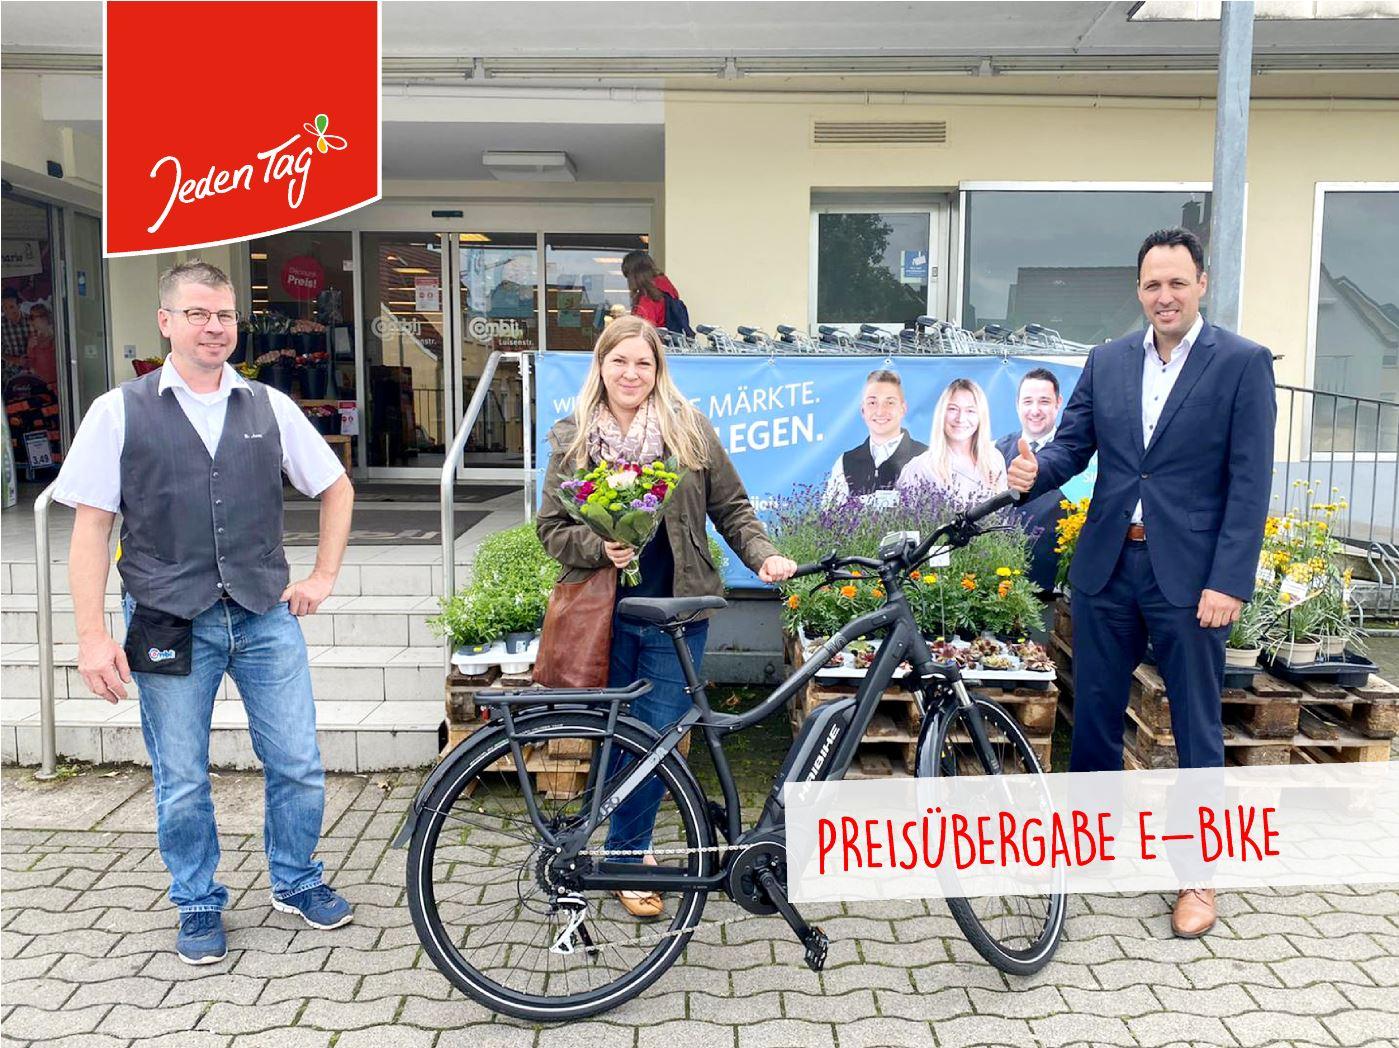 Jeden Tag Preisübergabe E-Bike